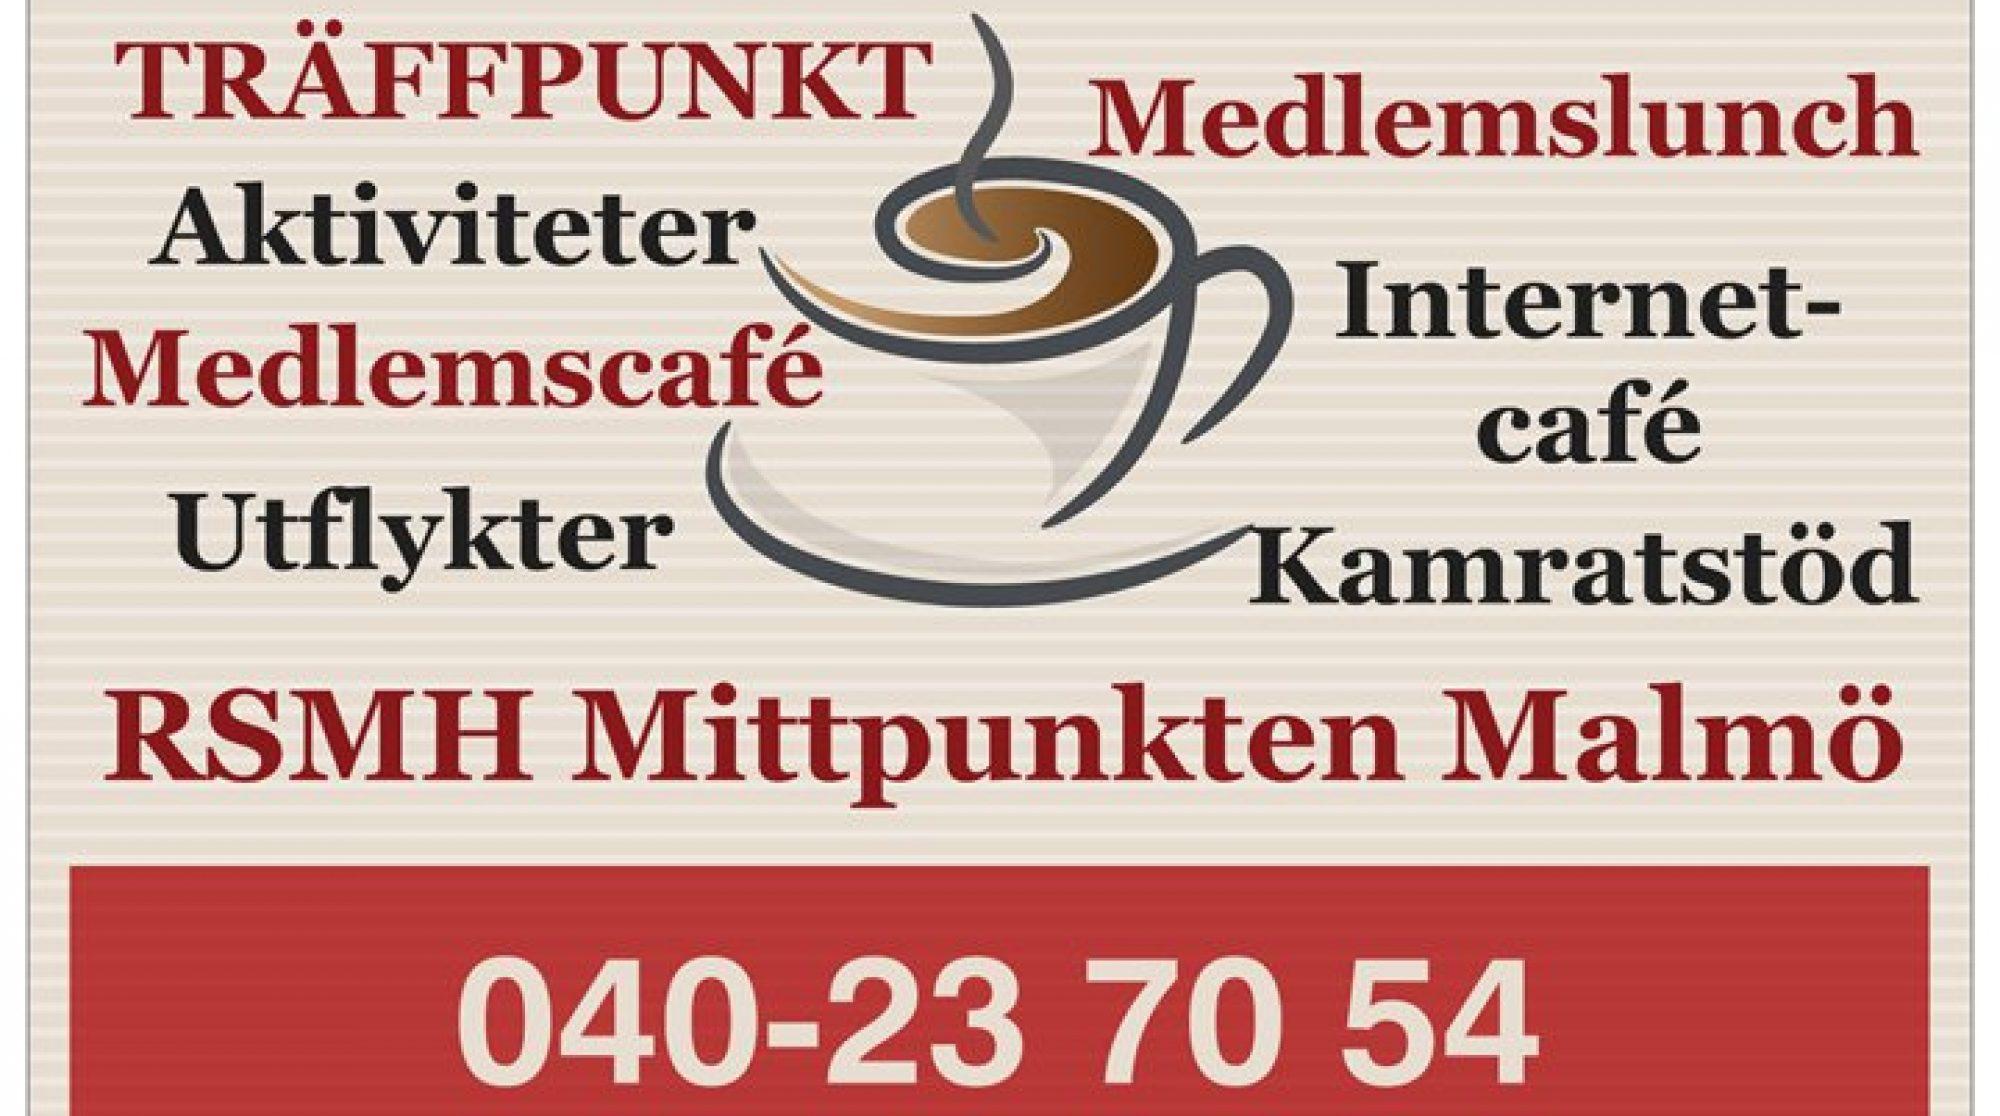 Idunsgatan 75, Tel: 040-23 70 54 TRÄFFPUNKTEN - RSMH Mittpunkten Malmö